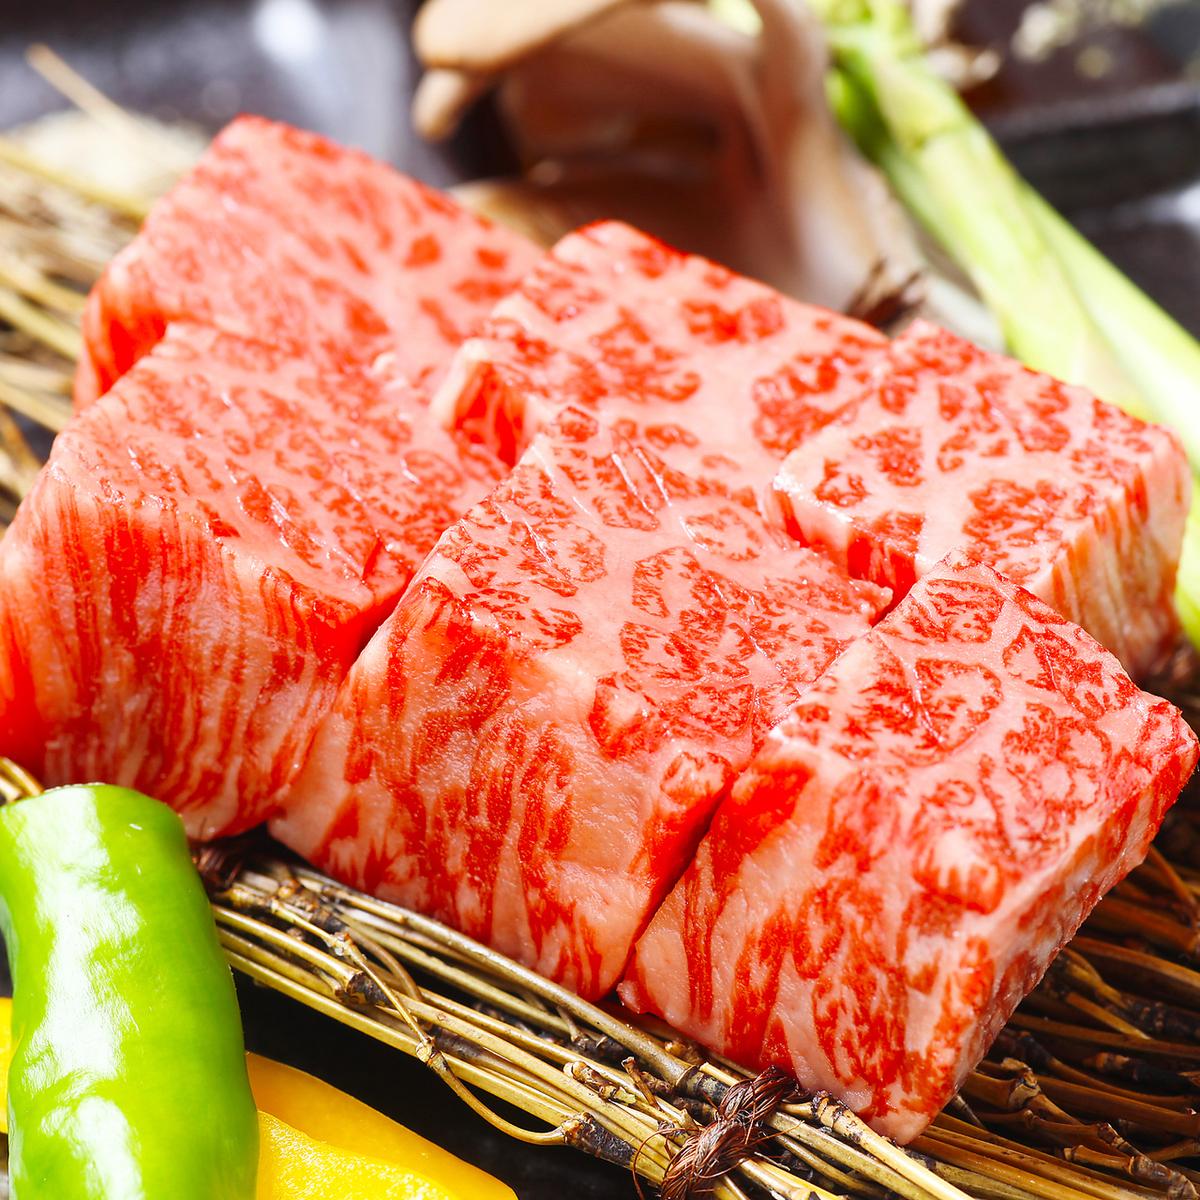 北海道産の極上A5ランクの黒毛和牛を賽の目に切り出しした厚切り焼肉を堪能